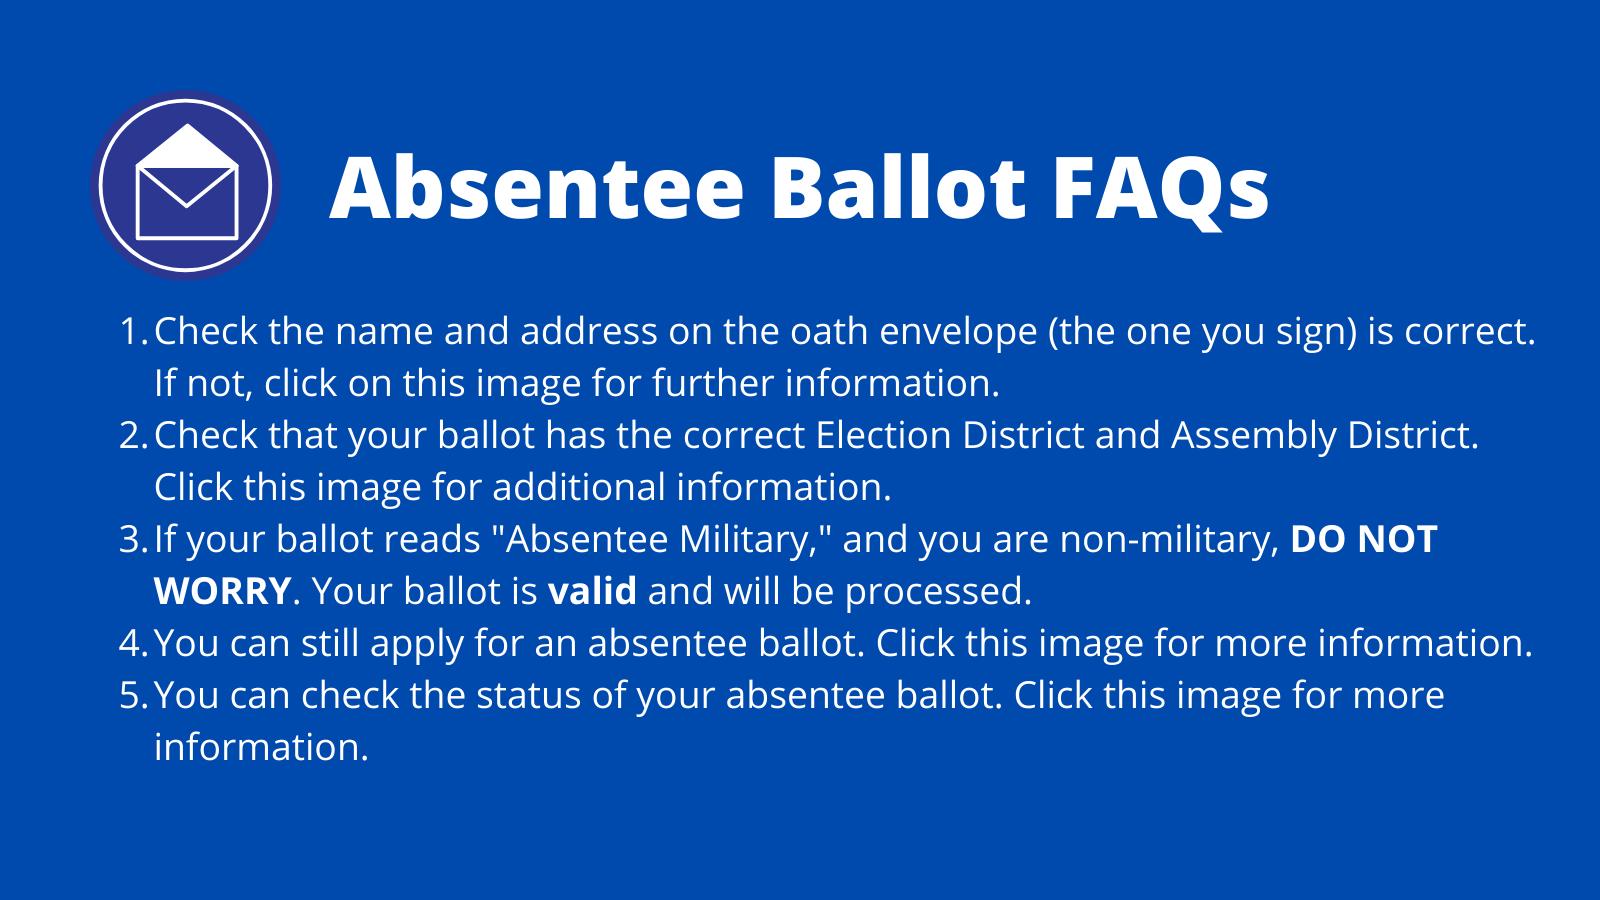 Absentee Ballot FAQs